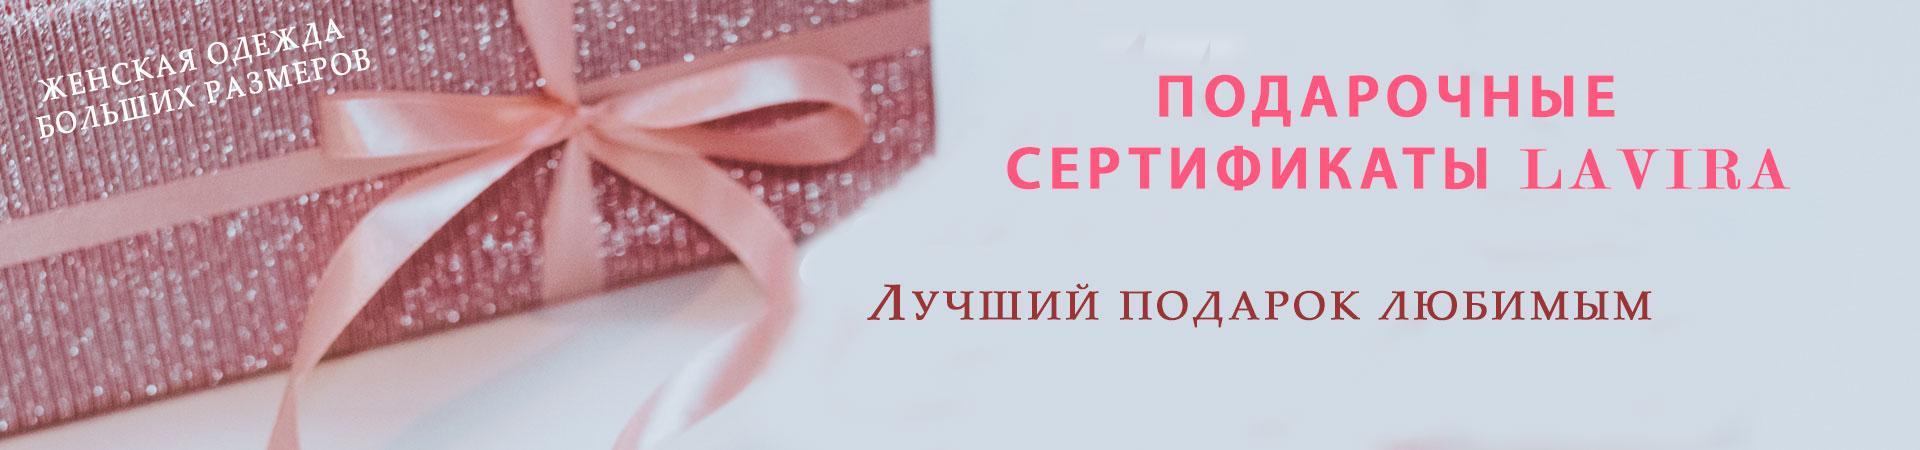 пп-новый